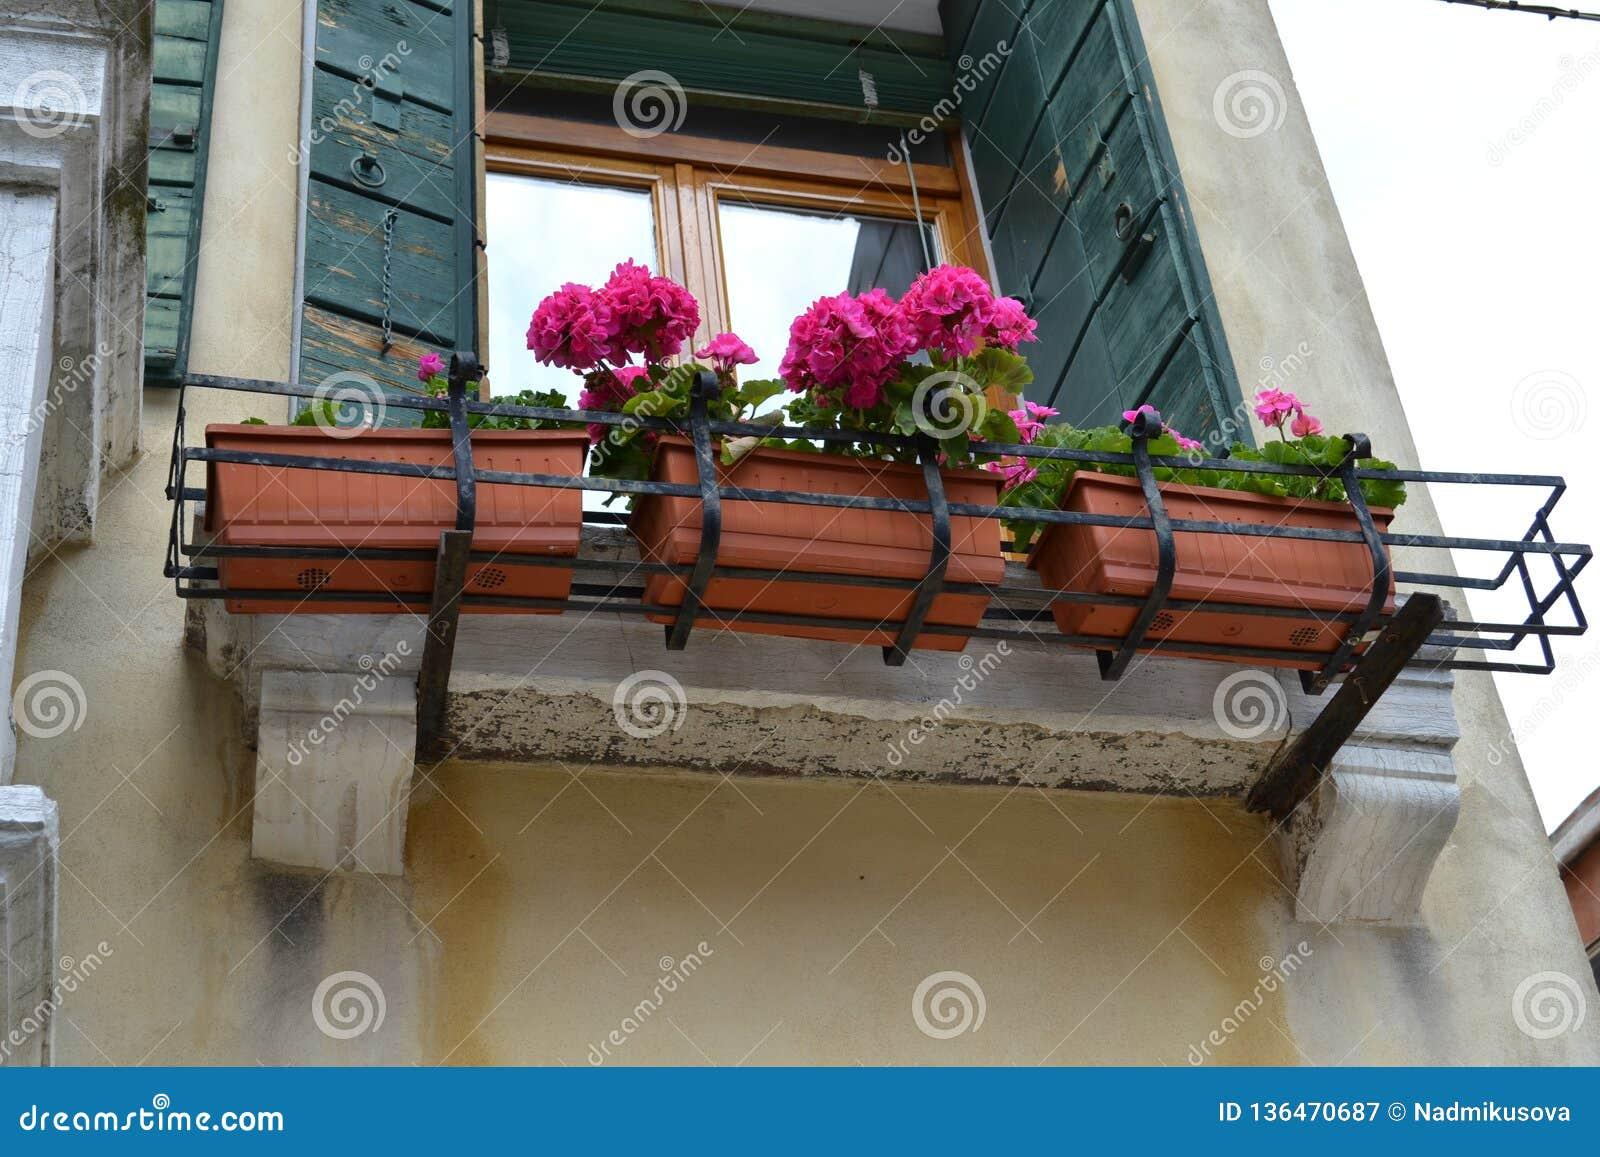 Σπίτι της Βενετίας που διακοσμείται με τα πλαστικά βάζα γερανιών λουλουδιών που τίθενται στα αρχαία μπαλκόνια σε μια ηλιόλουστη η